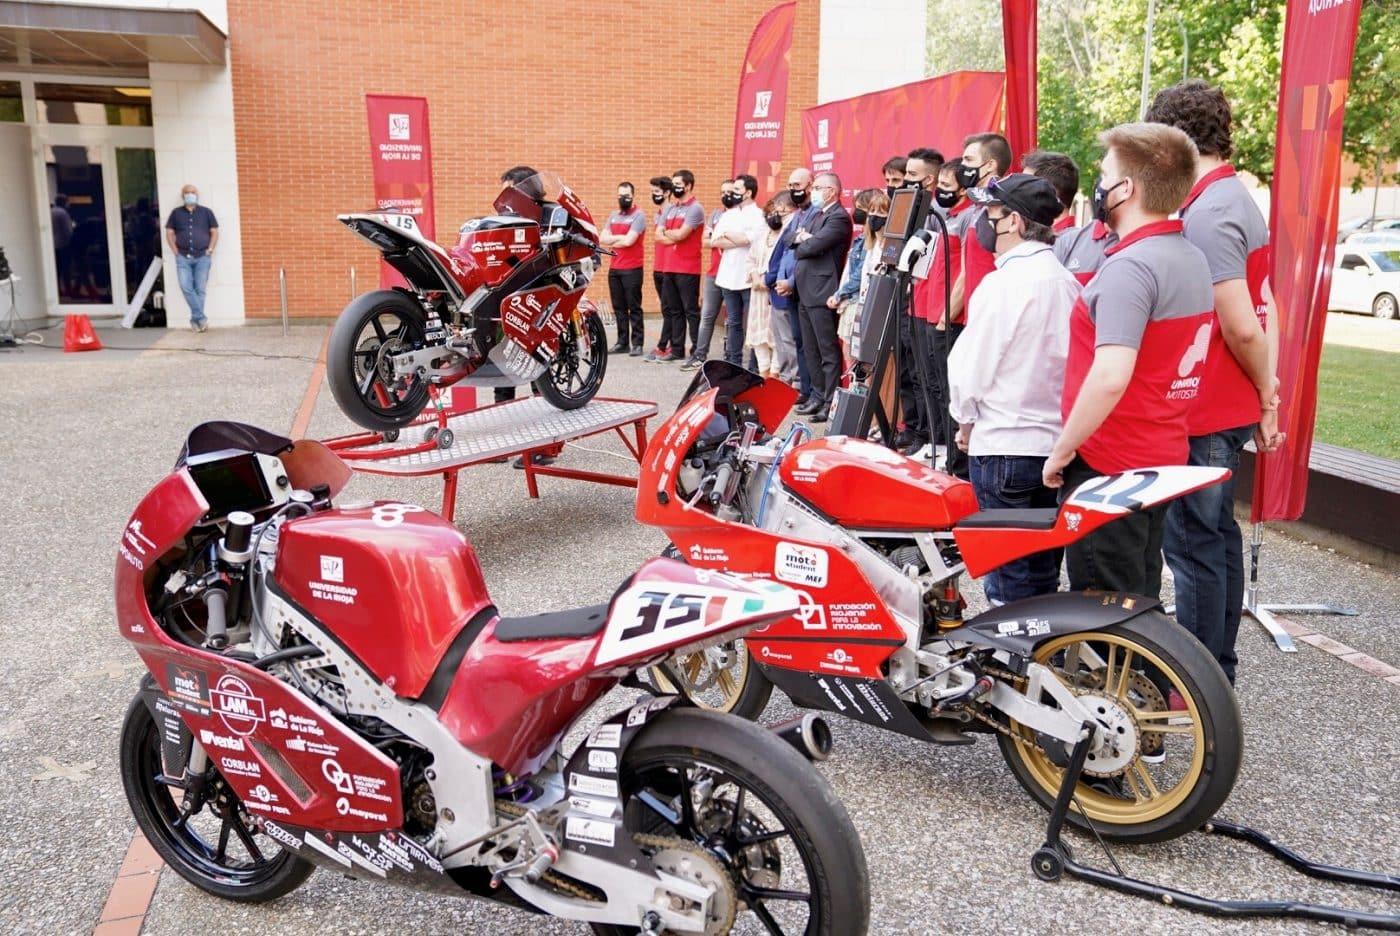 La moto eléctrica de la UR, lista para competir en el VI Certamen Internacional MotoStudent en Alcañiz 1